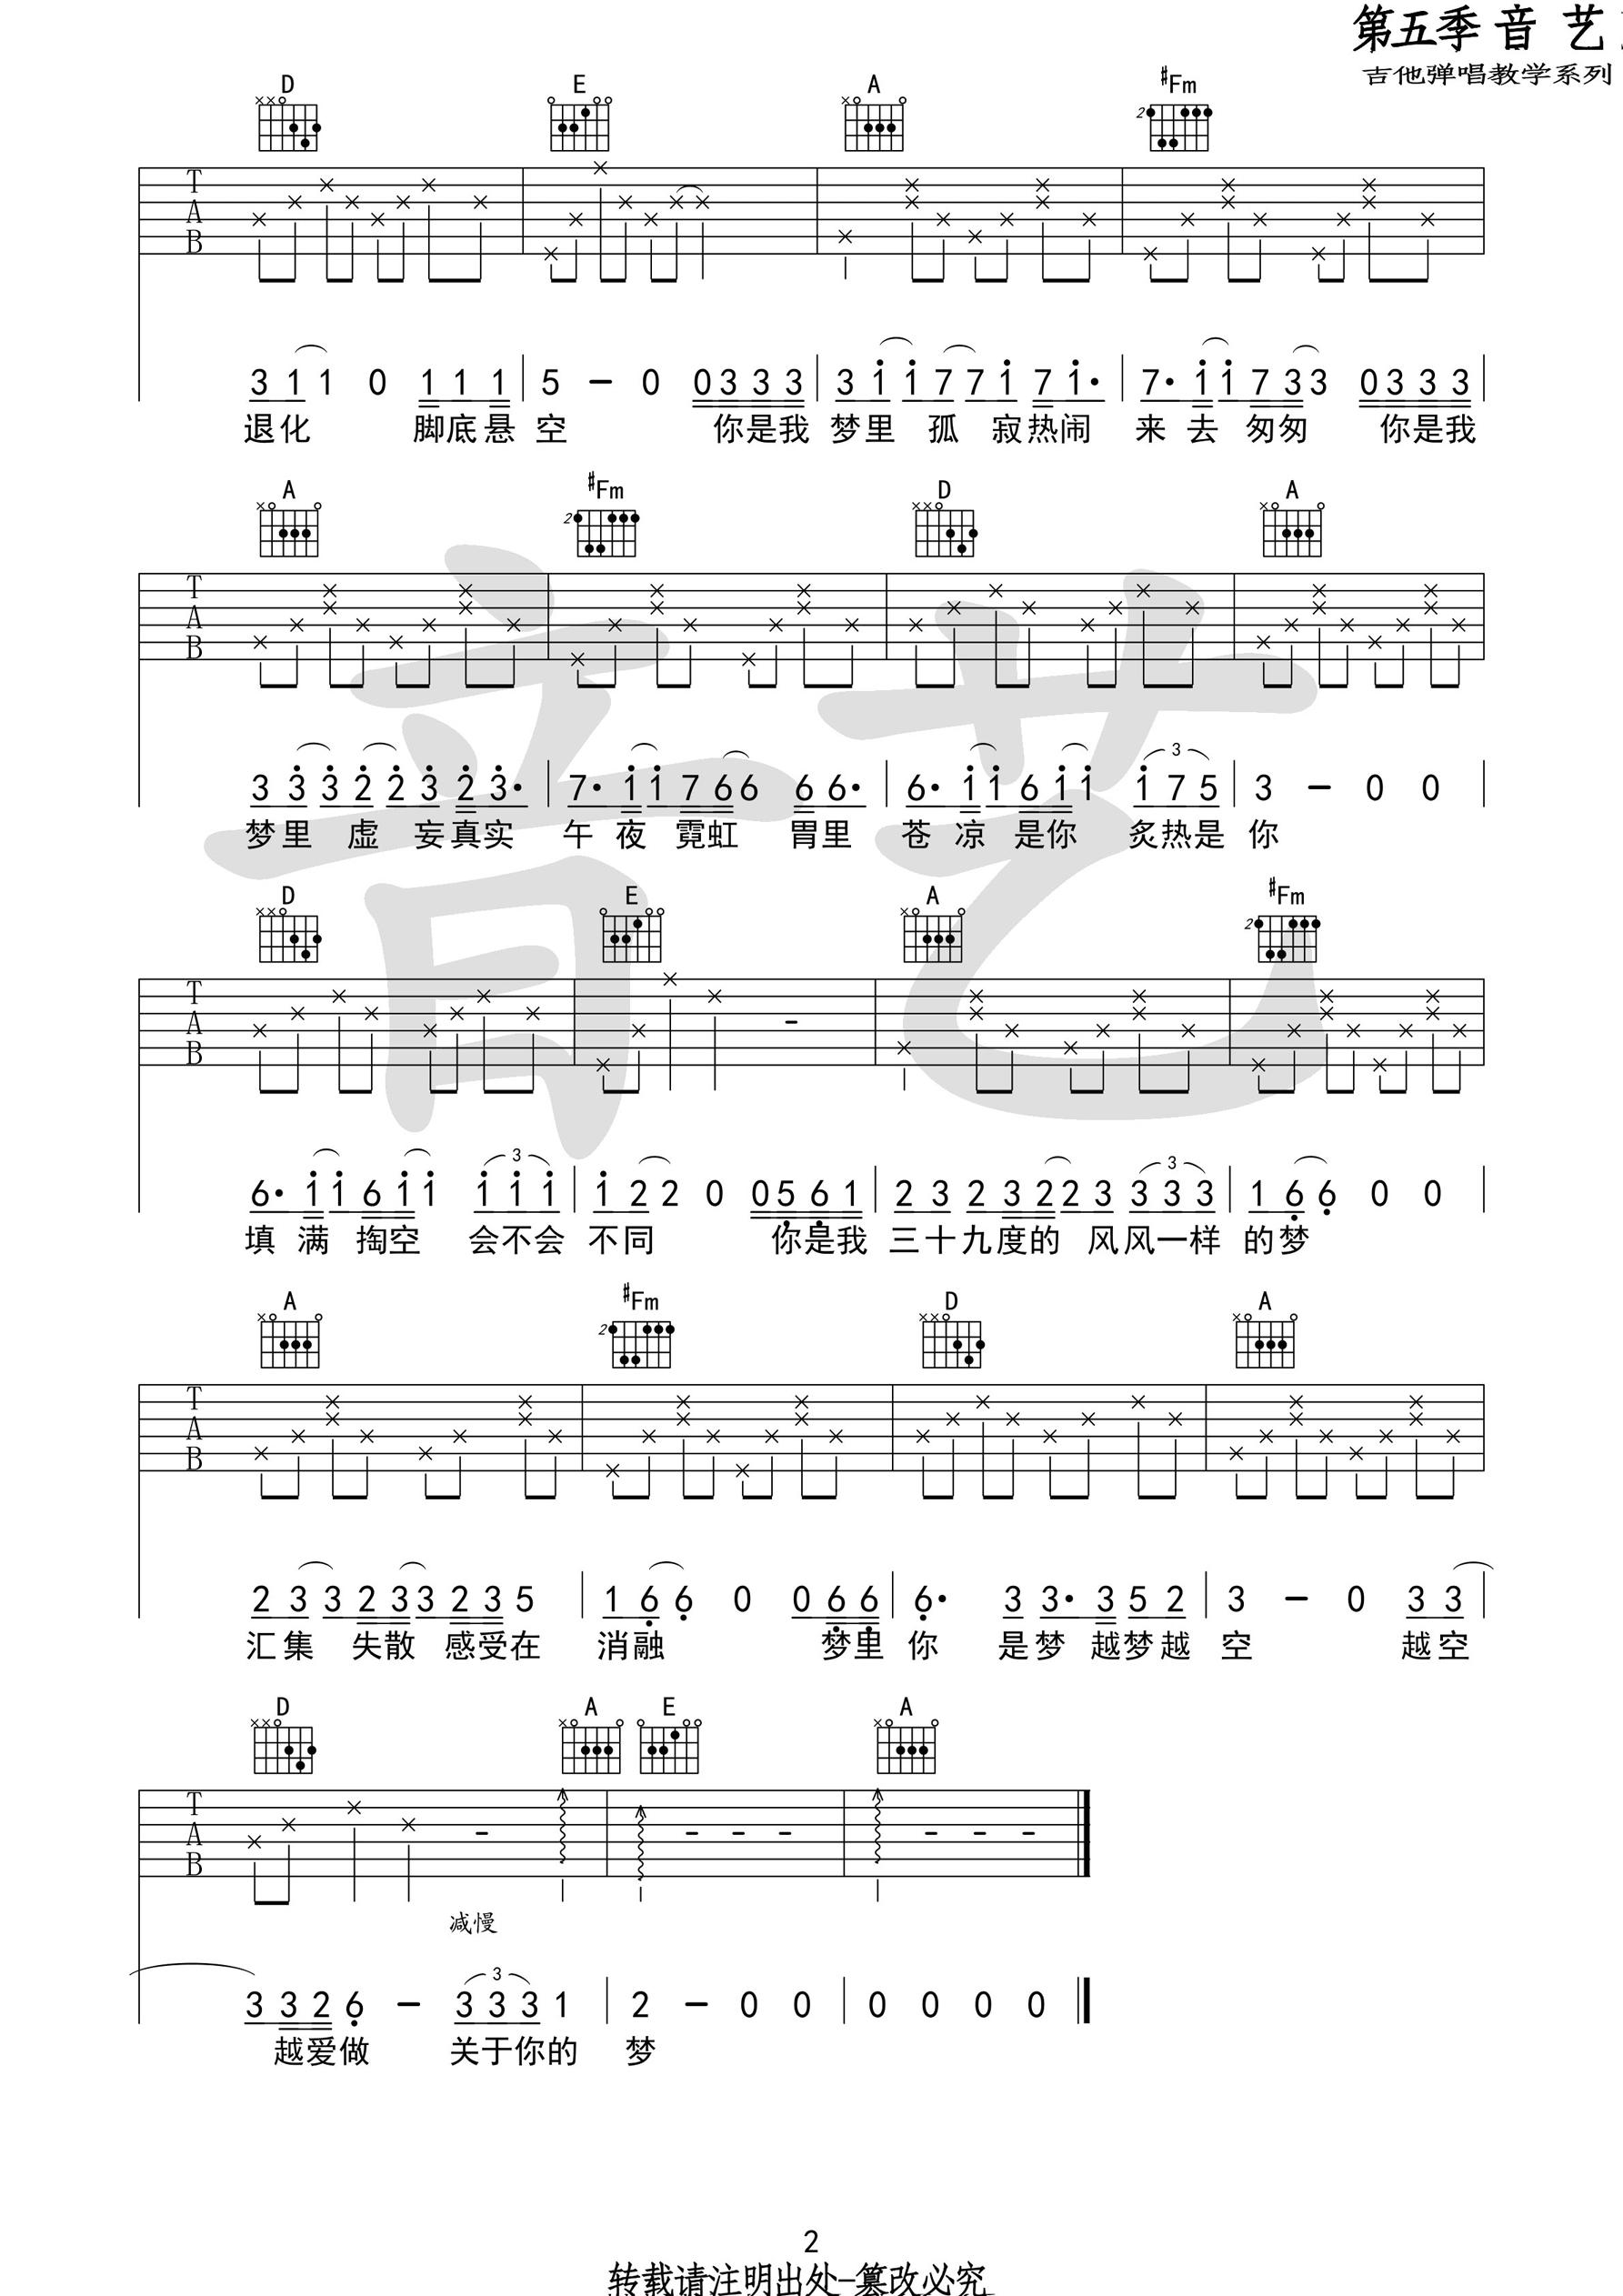 陈粒《种种》吉他谱 A调吉他弹唱谱2